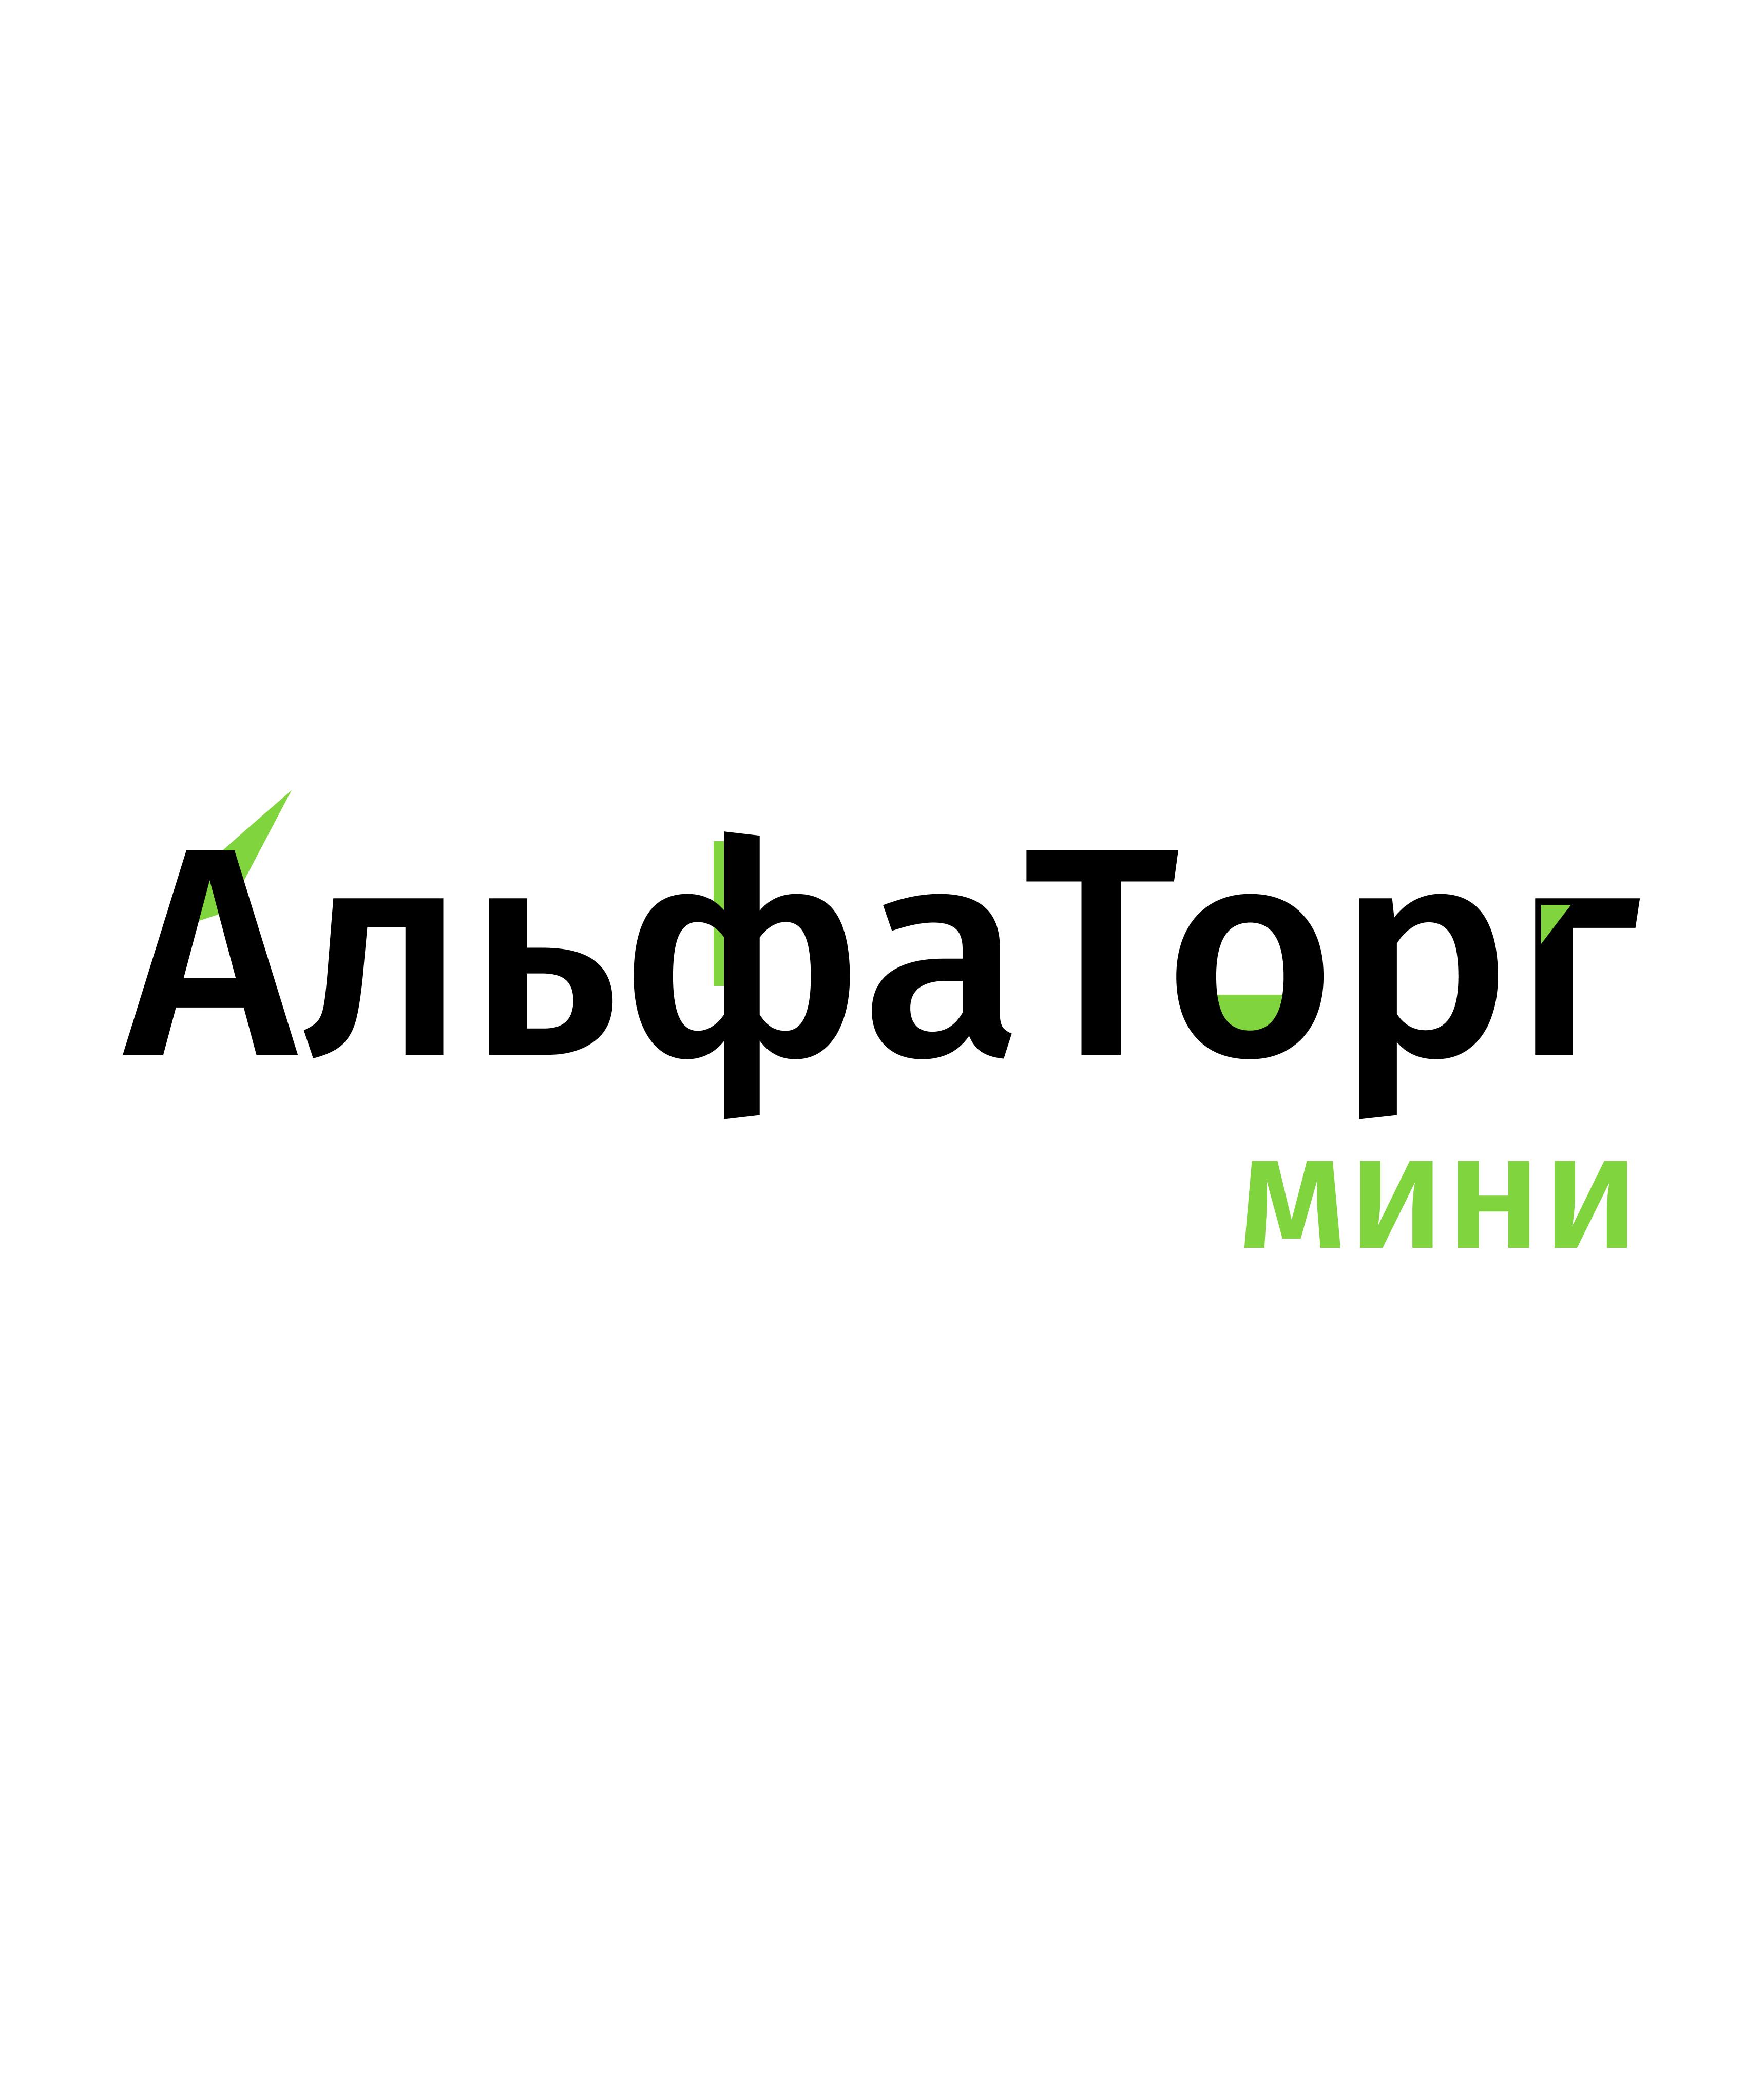 Логотип и фирменный стиль фото f_4045f044c2dce964.png